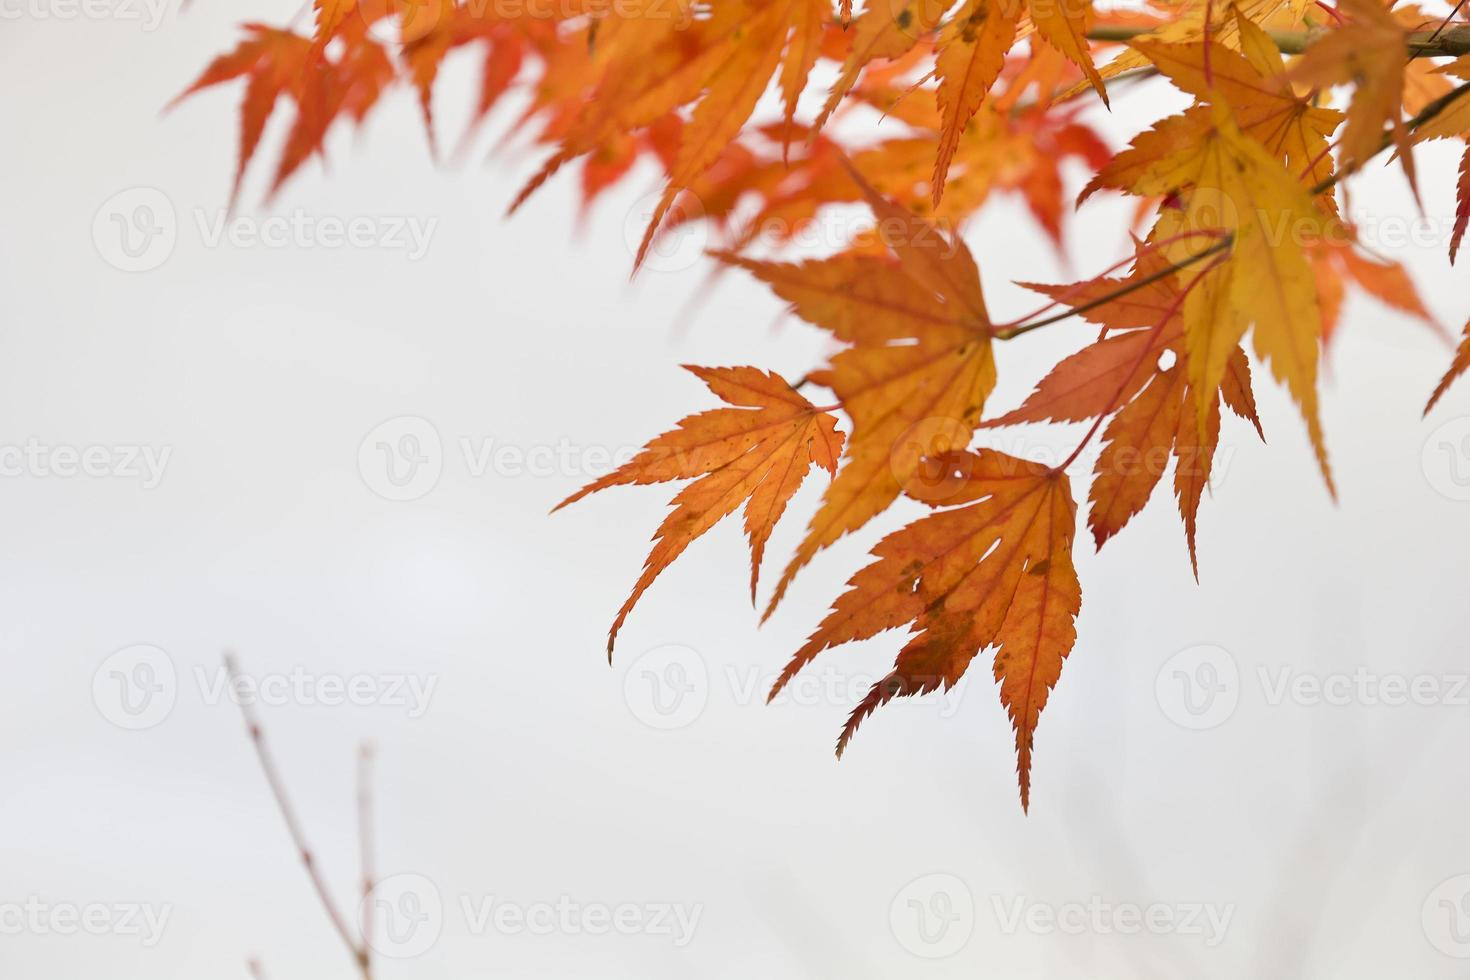 foglie di acero arancione foto